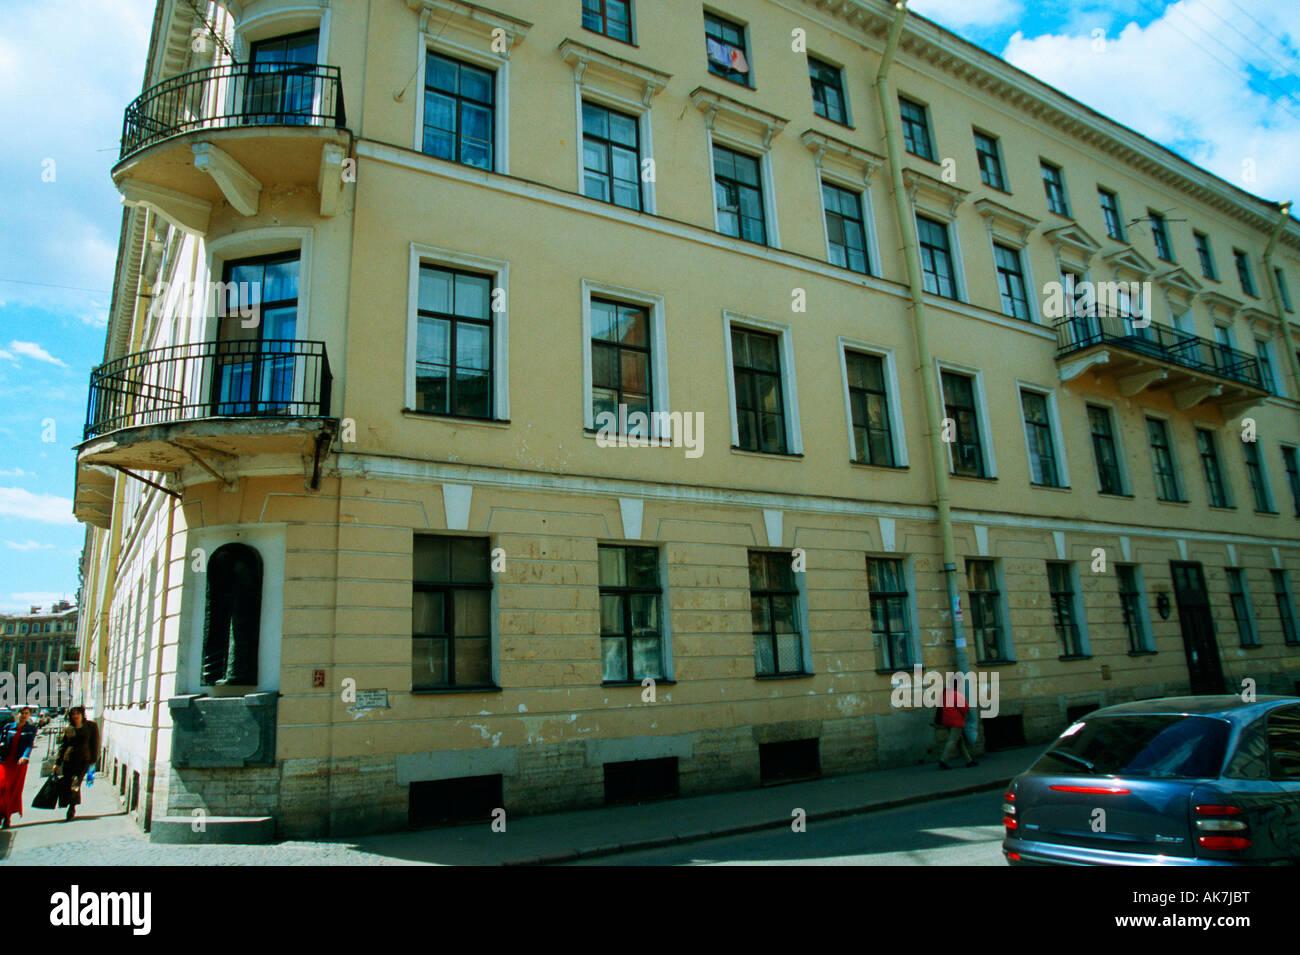 Dostojewski Museum / St. Petersburg - Stock Image